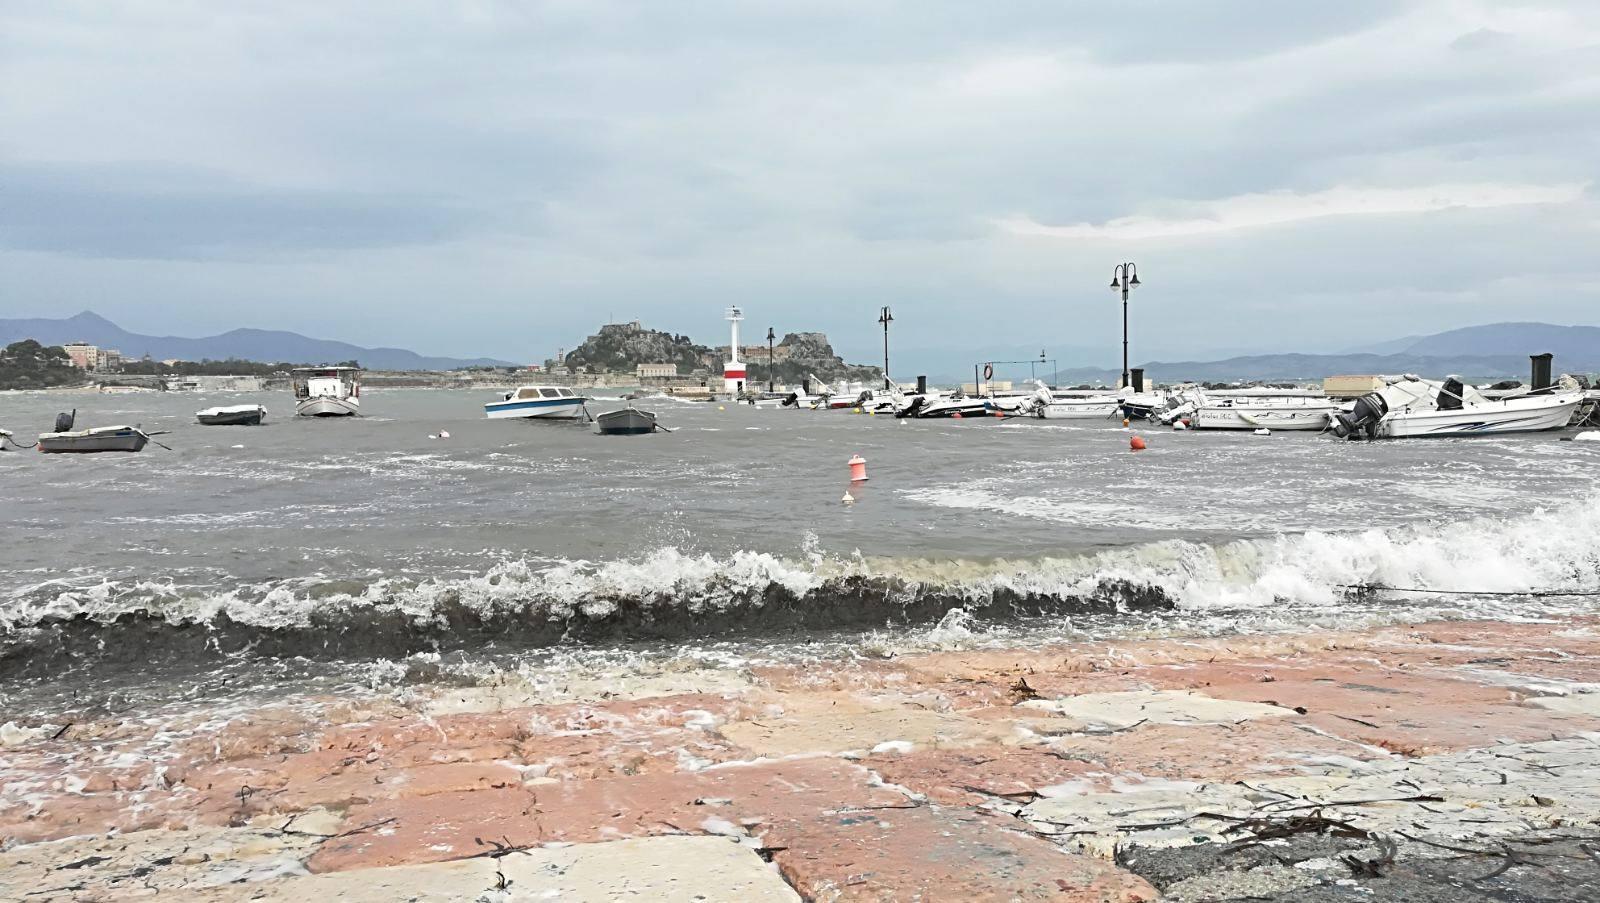 Κακοκαιρία: Η Βικτώρια πάνω από την Αθήνα - Ζημιές σε Χανιά, Κέρκυρα, Κεφαλονιά corfupress6